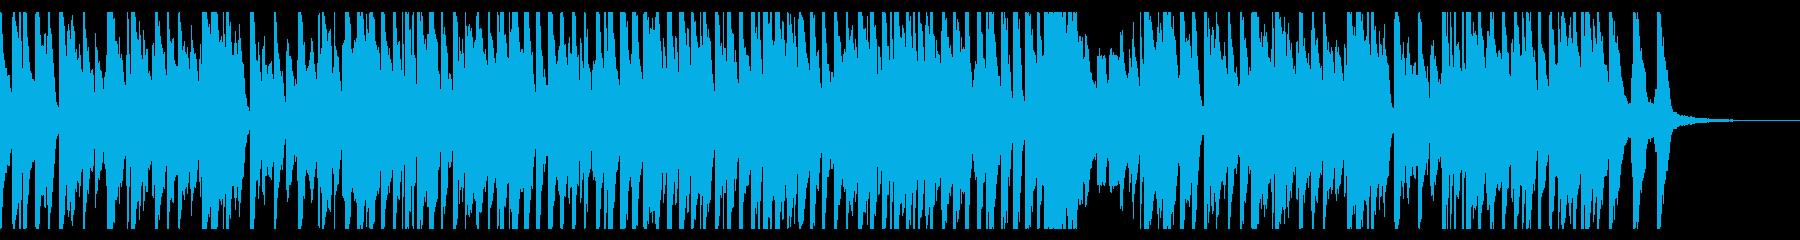 おどけた調子のピアノ曲の再生済みの波形